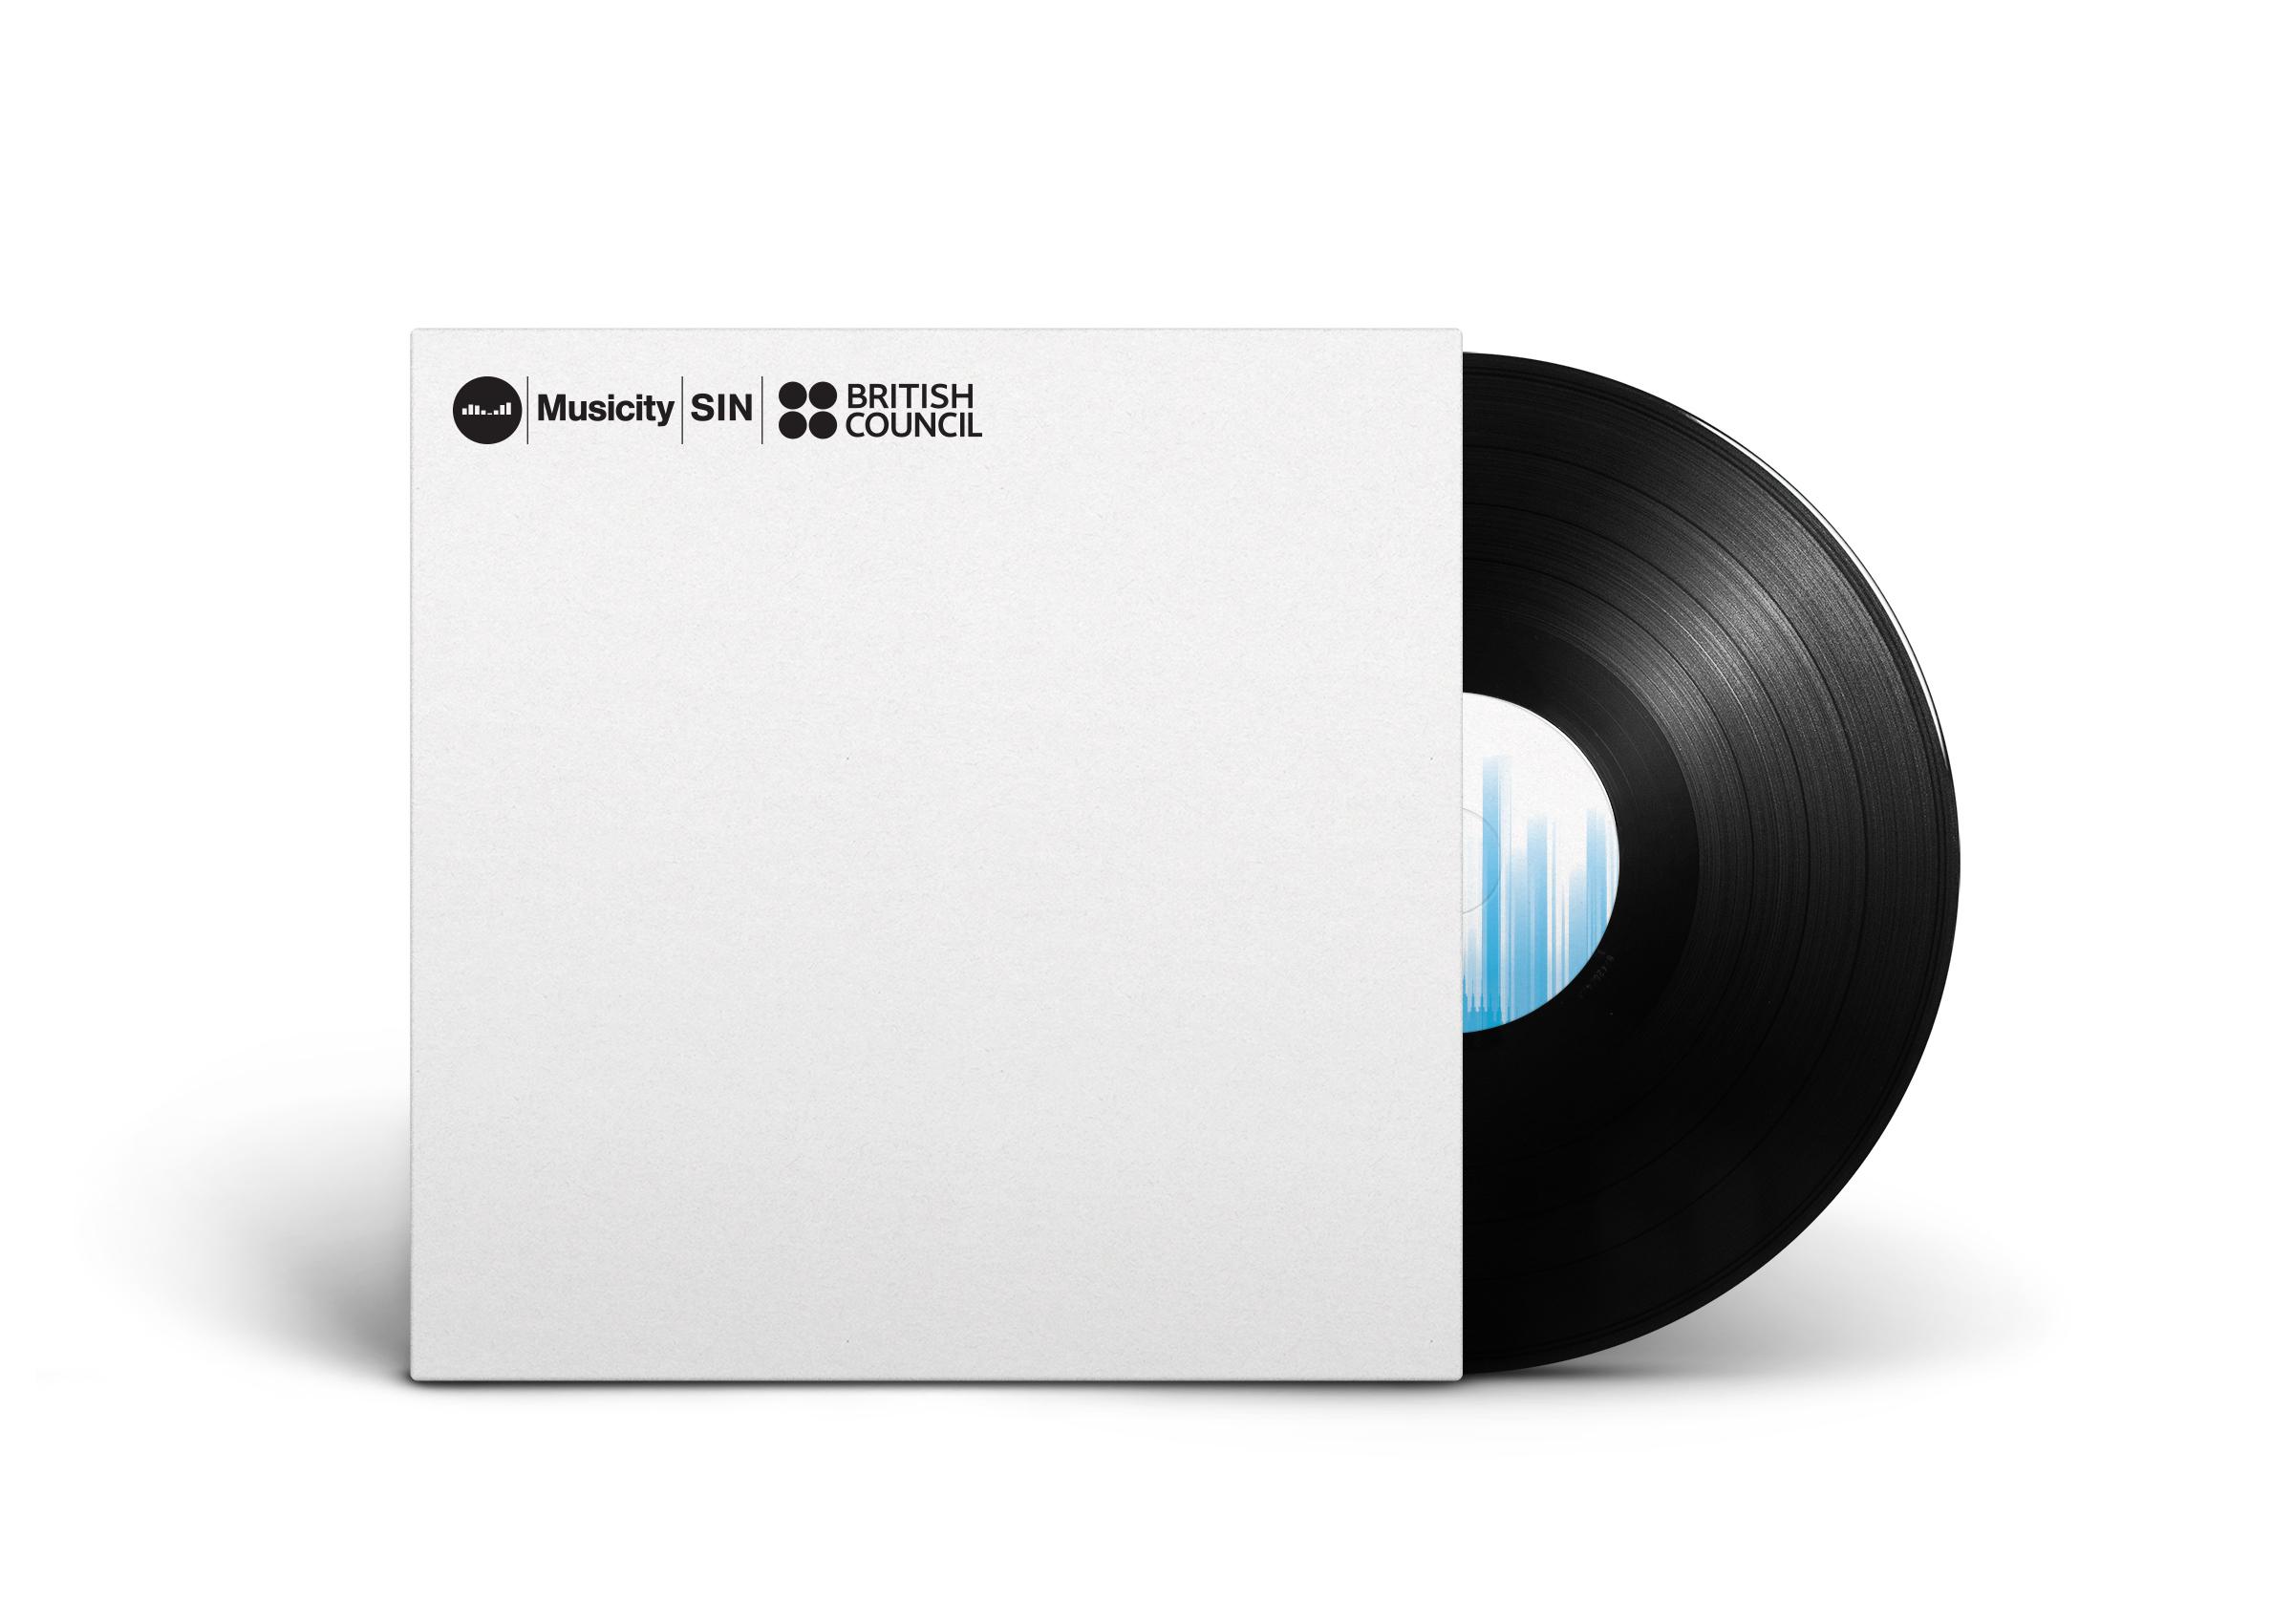 Musicity_Vinyl.jpg